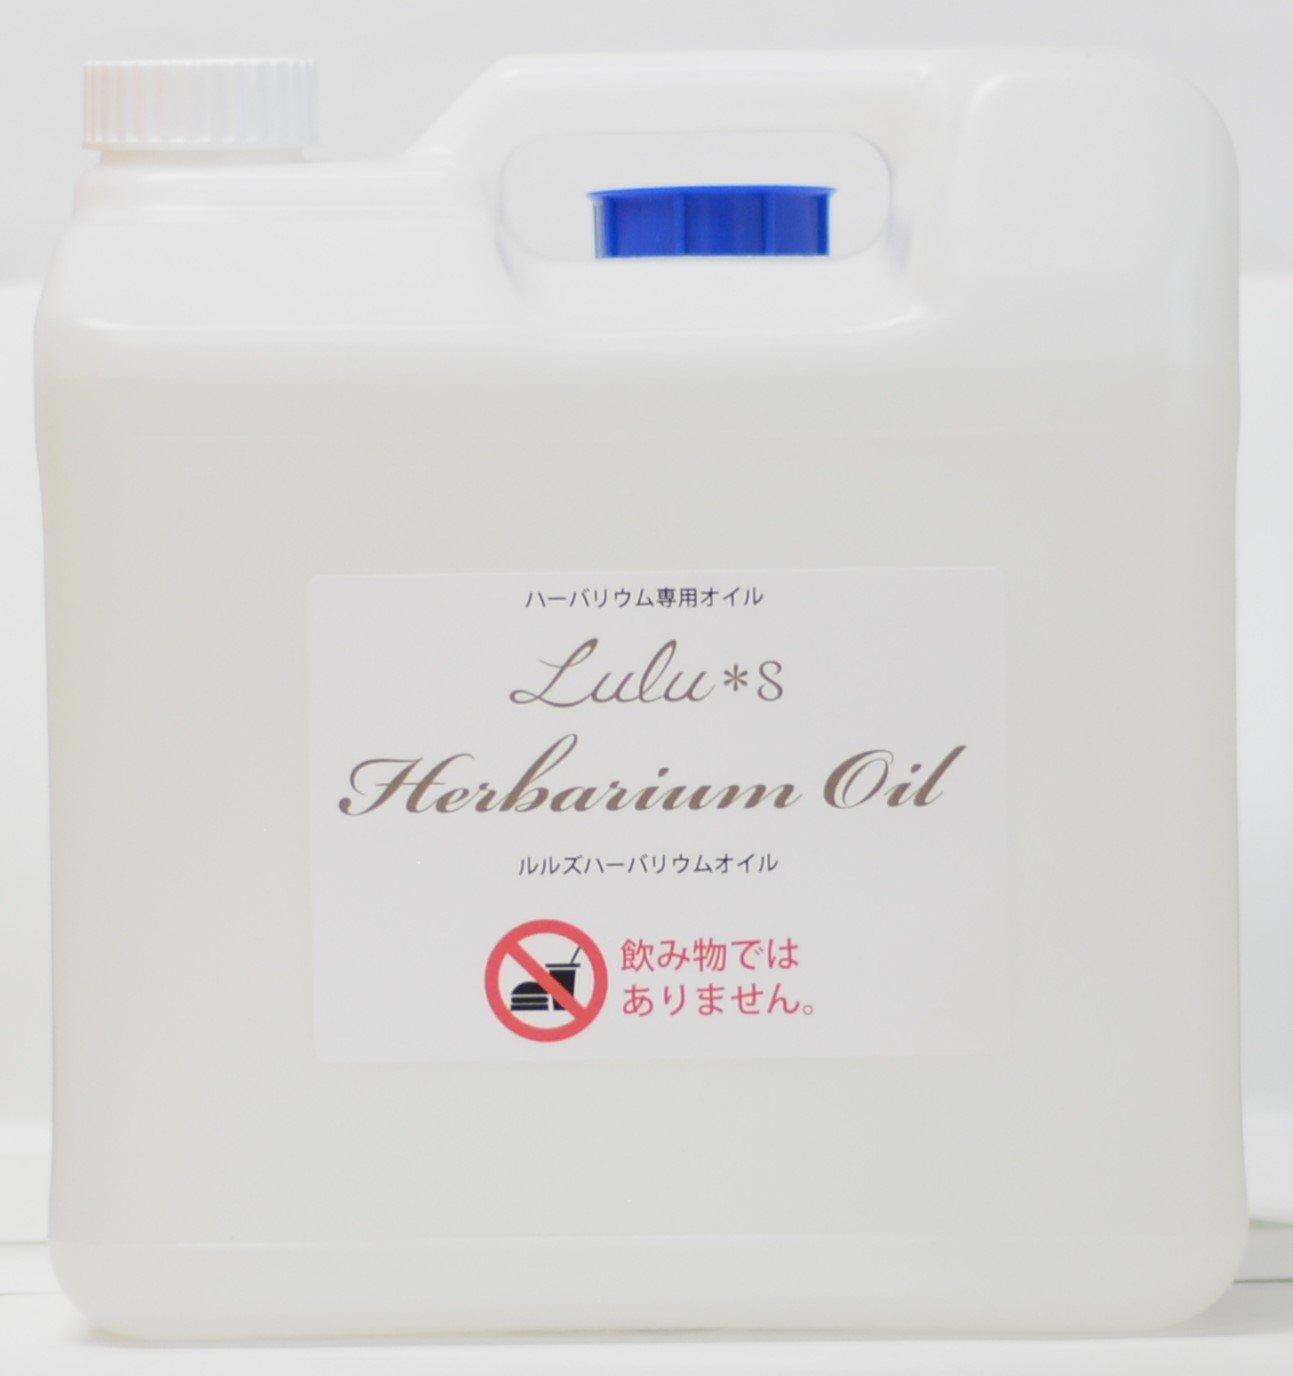 Lulu's ハーバリウム 専用オイル ルルズハーバリウムオイル ノズル付き 5L 5000ml ドライフラワー プリザーブドフラワー 5リットル Lulu's-0245 B075ZNKK7F   5000ml